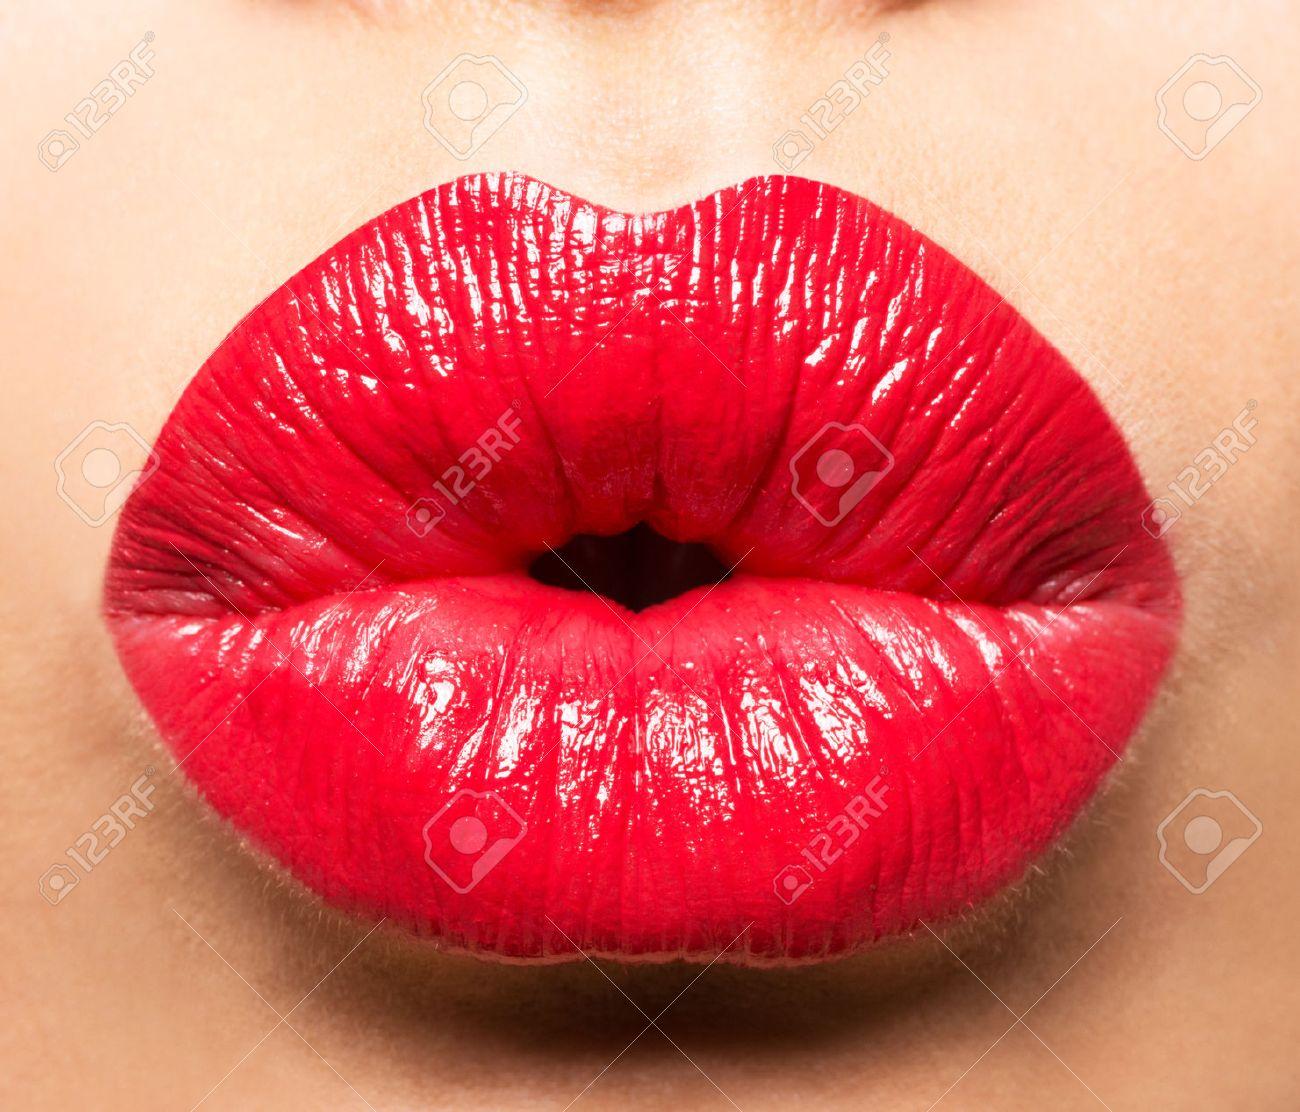 Charleen '69 - Page 3 44898872-les-l%C3%A8vres-de-femme-avec-rouge-%C3%A0-l%C3%A8vres-rouge-et-baiser-geste